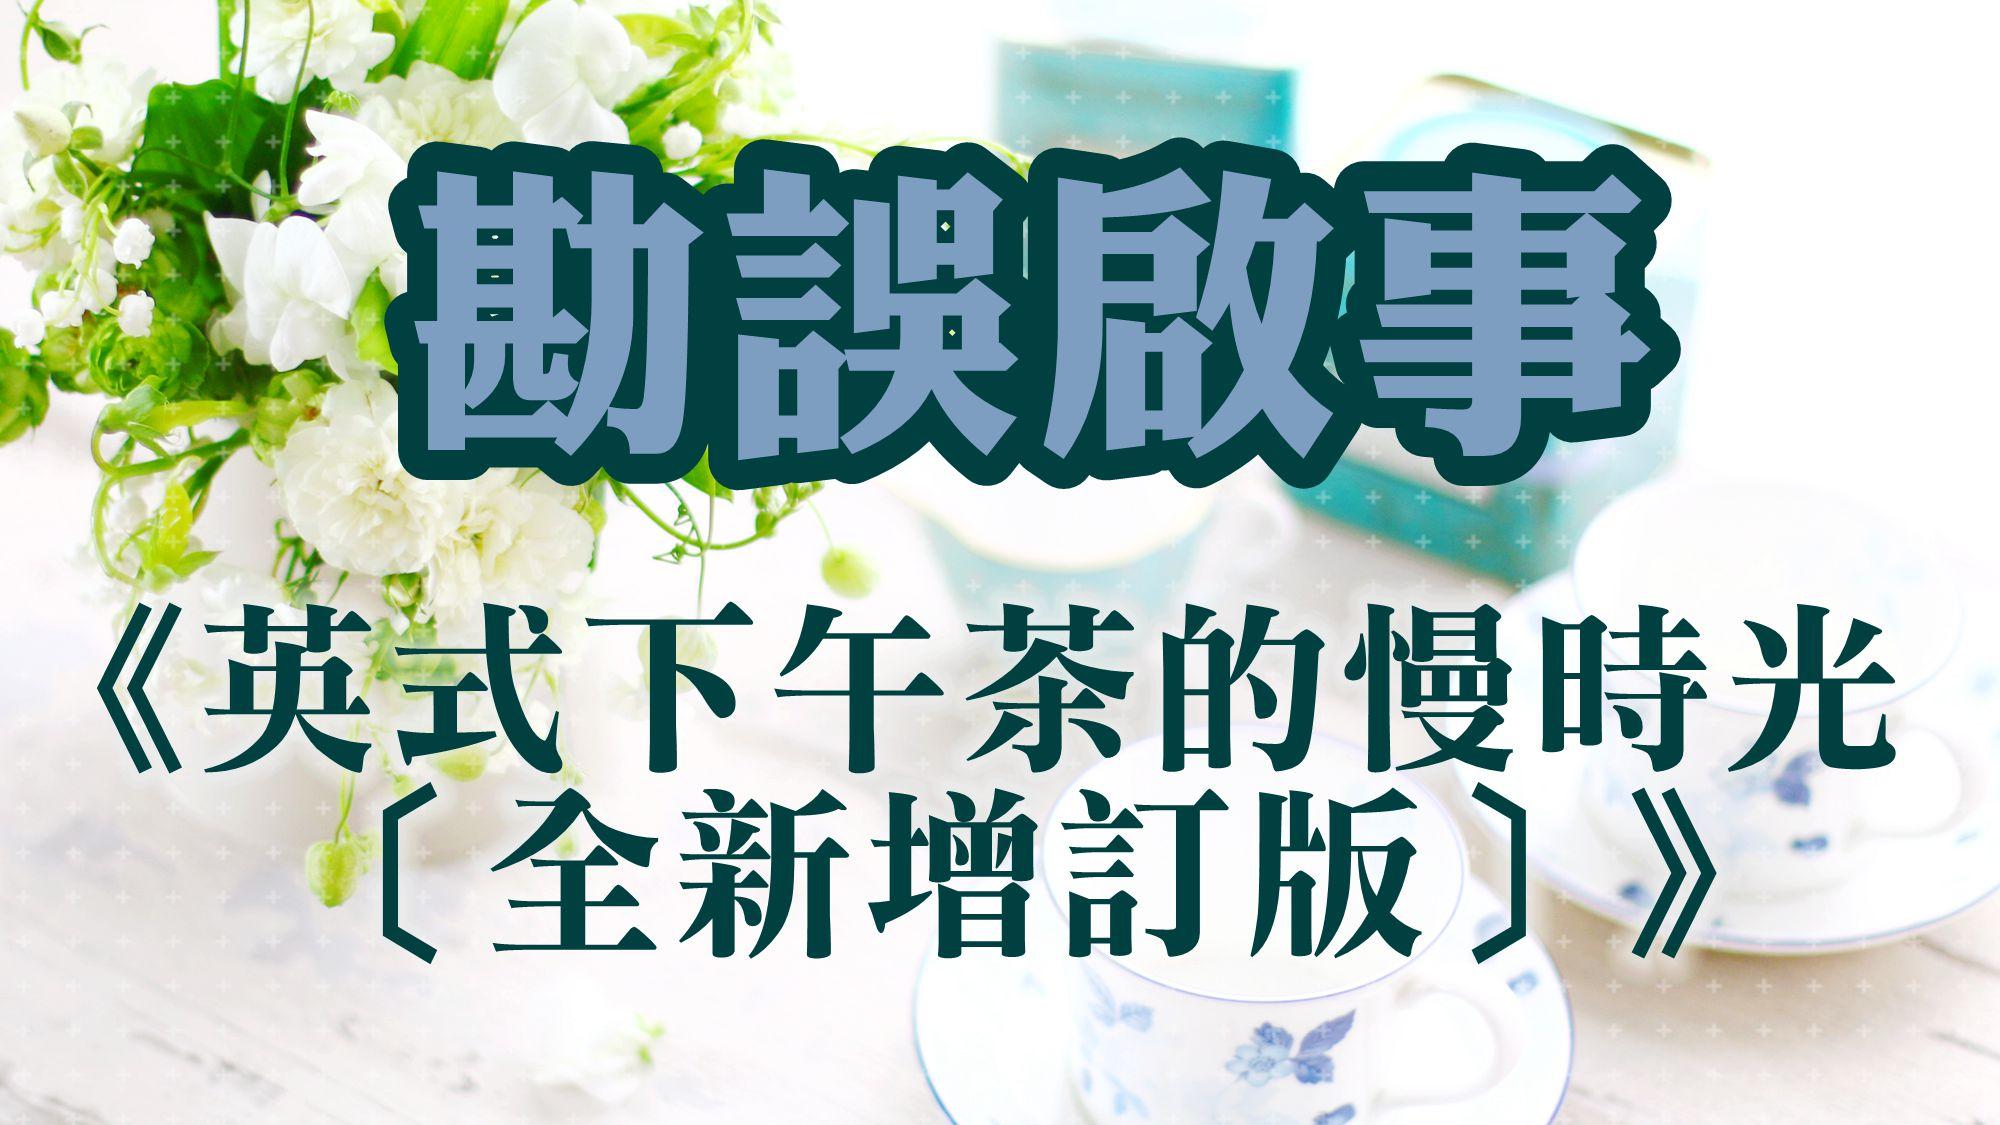 《英式下午茶的慢時光〔全新增訂版〕》勘誤啟事